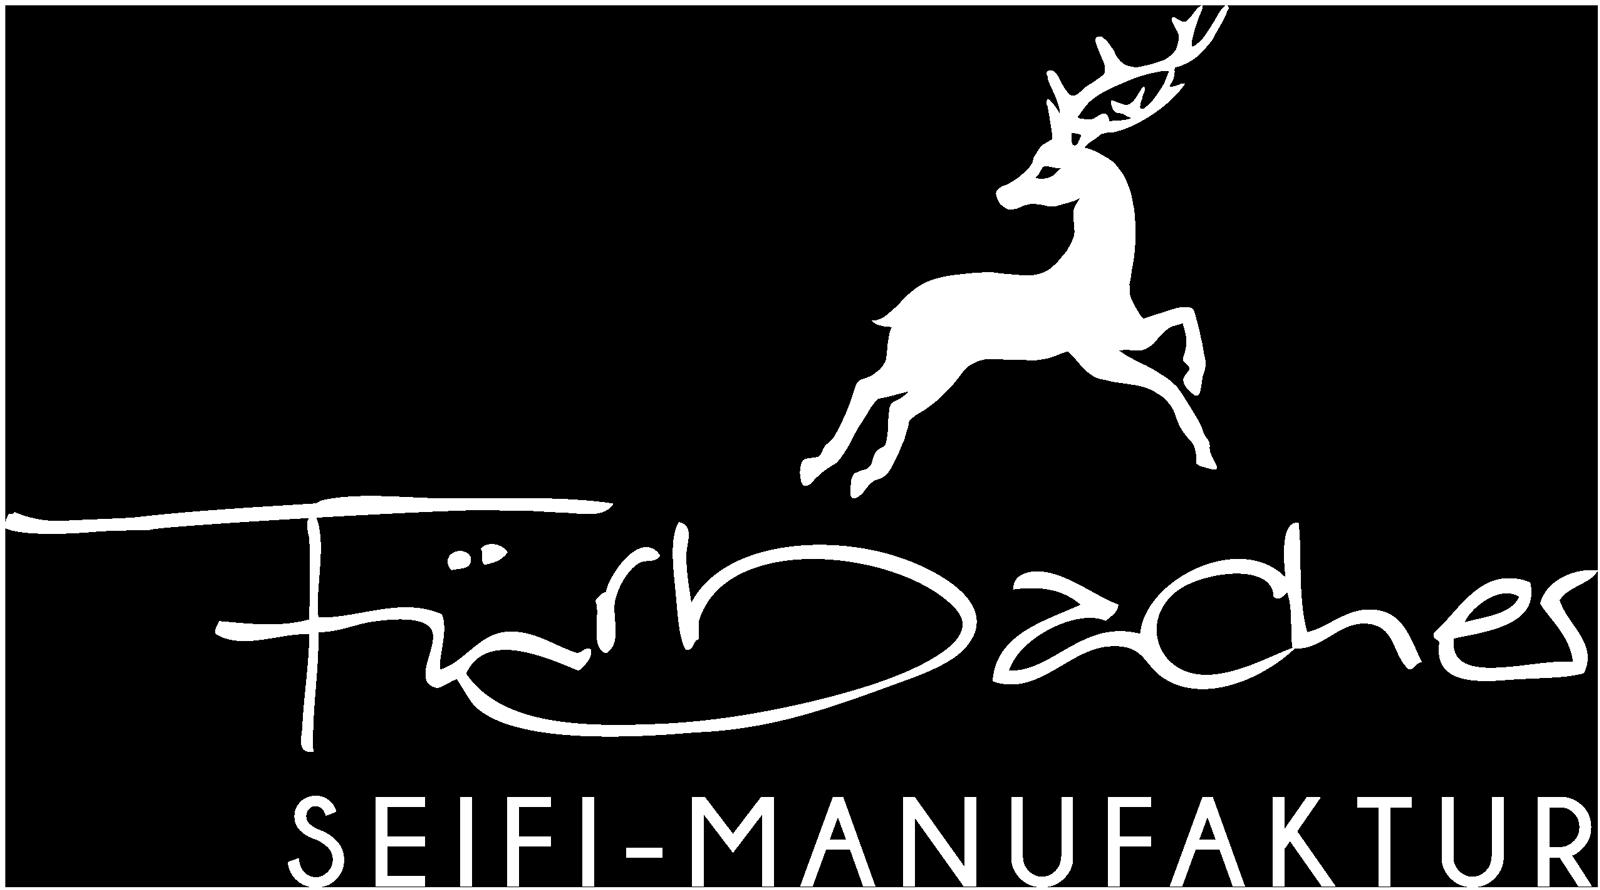 Fürbacher Seifimanufaktur